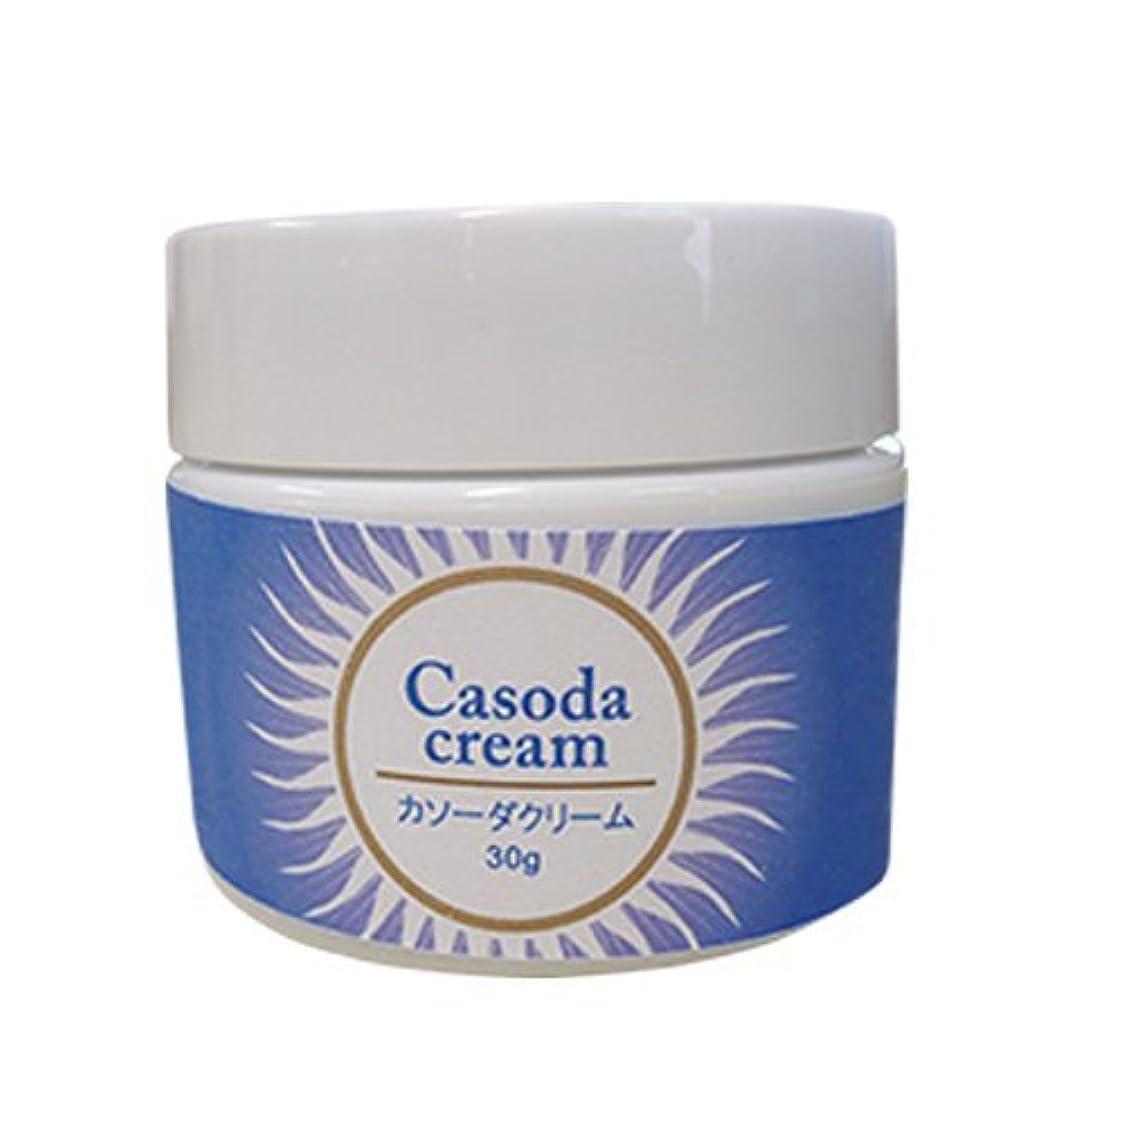 閉塞オートマトン放射能casoda カソーダ クリーム 30g